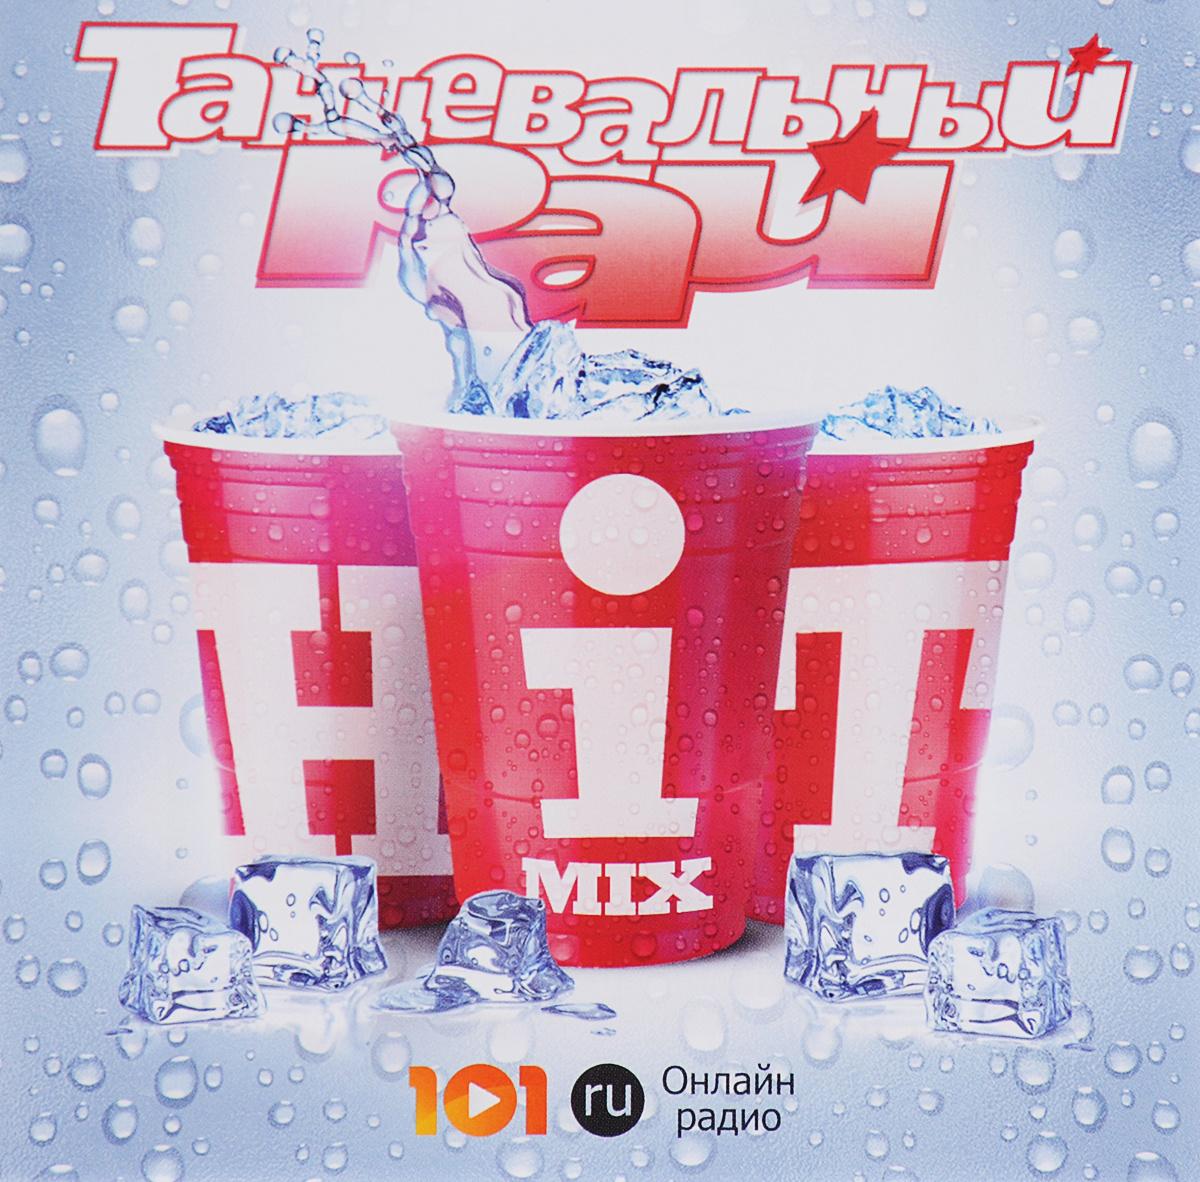 Танцевальный рай. Hit Mix #1